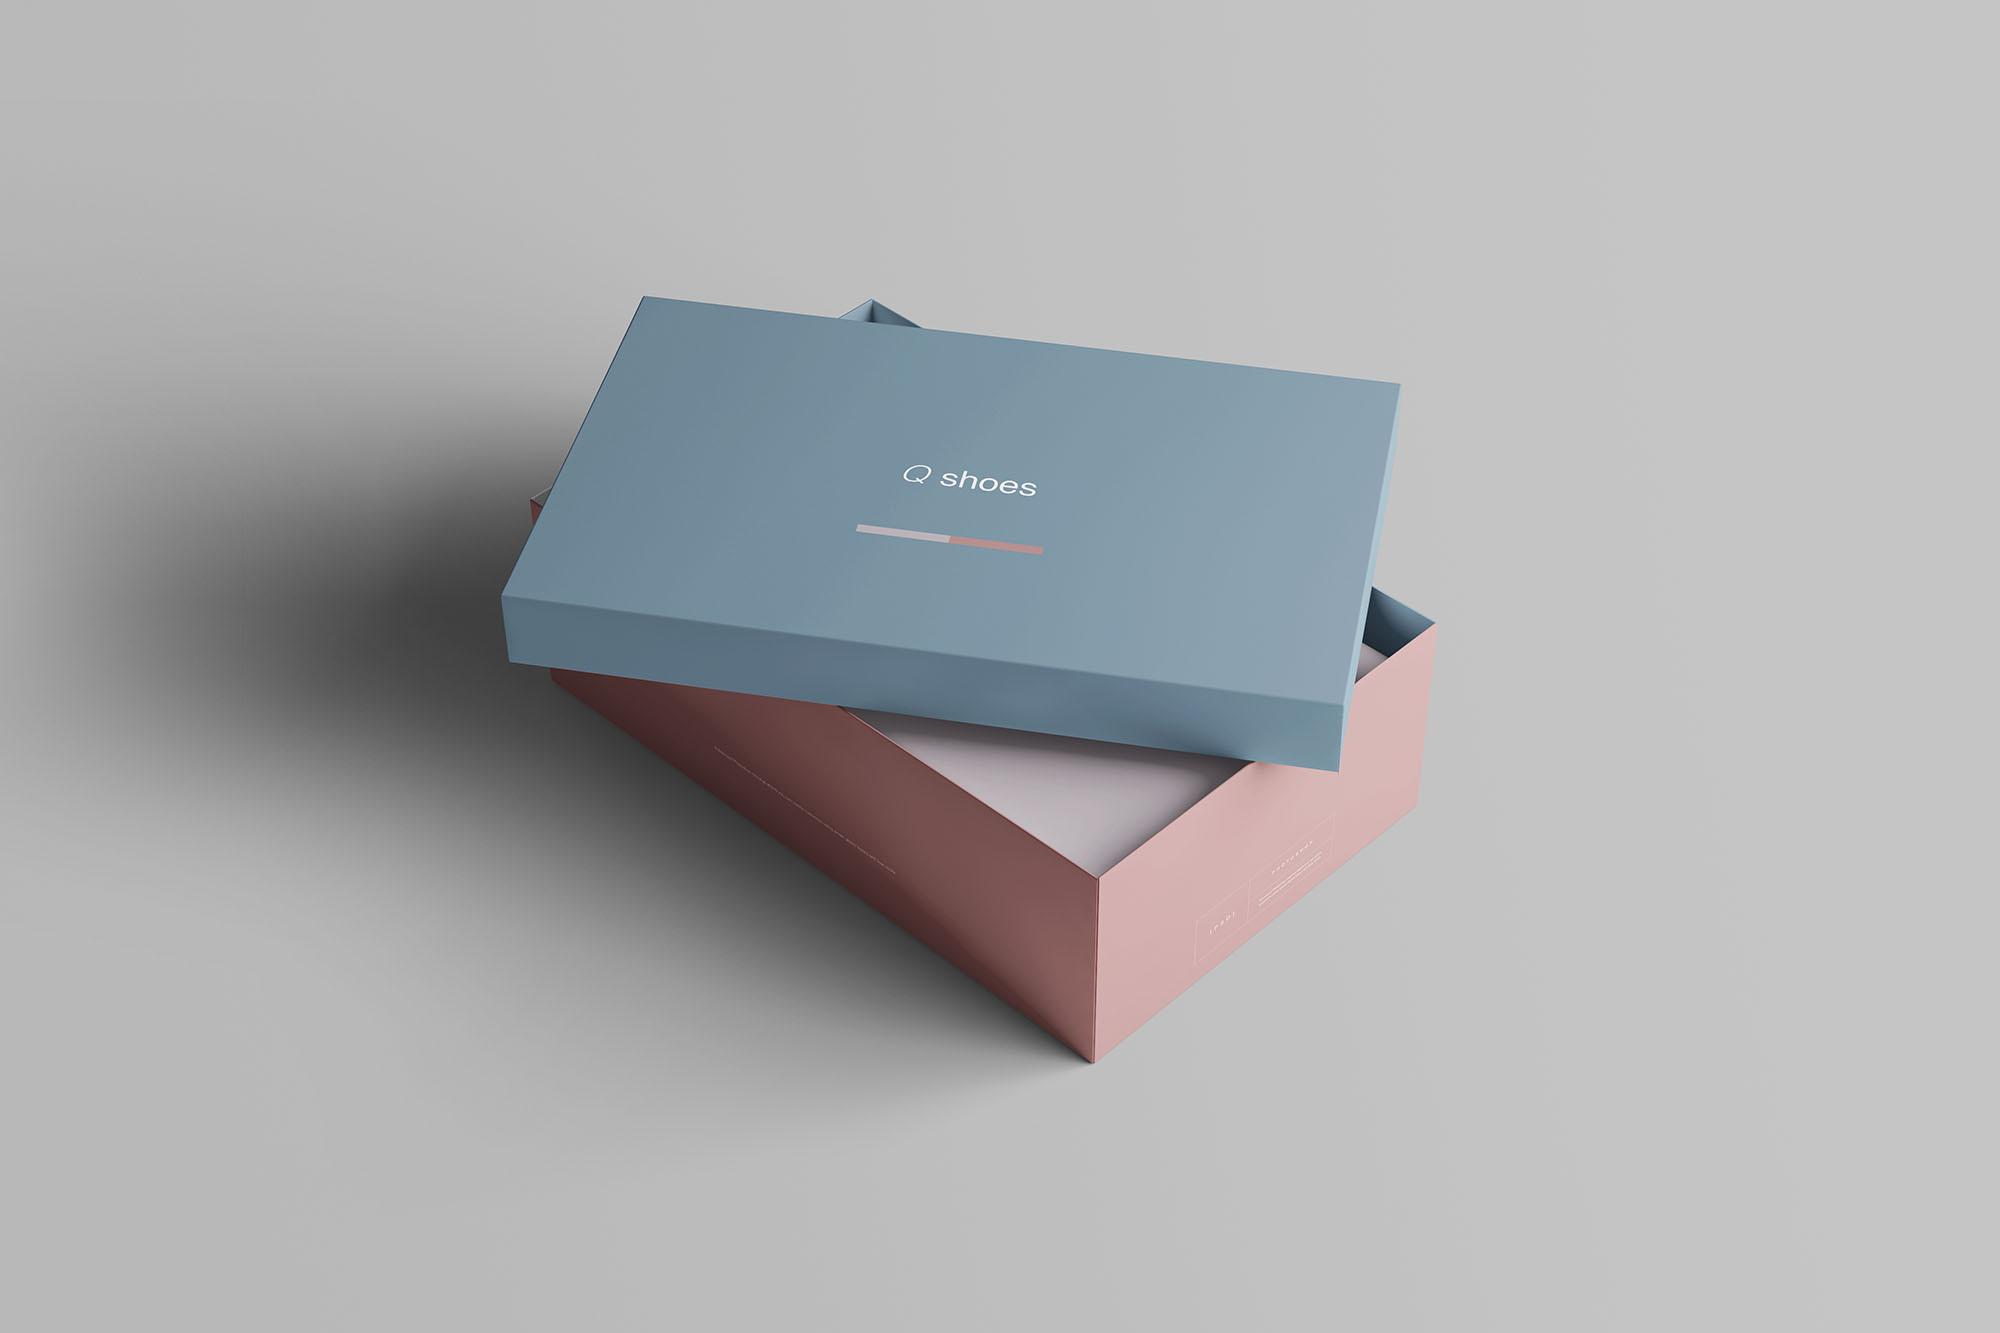 7个高品质纸质鞋盒外观设计预览图样机模板 Shoe Box Mockup插图(3)